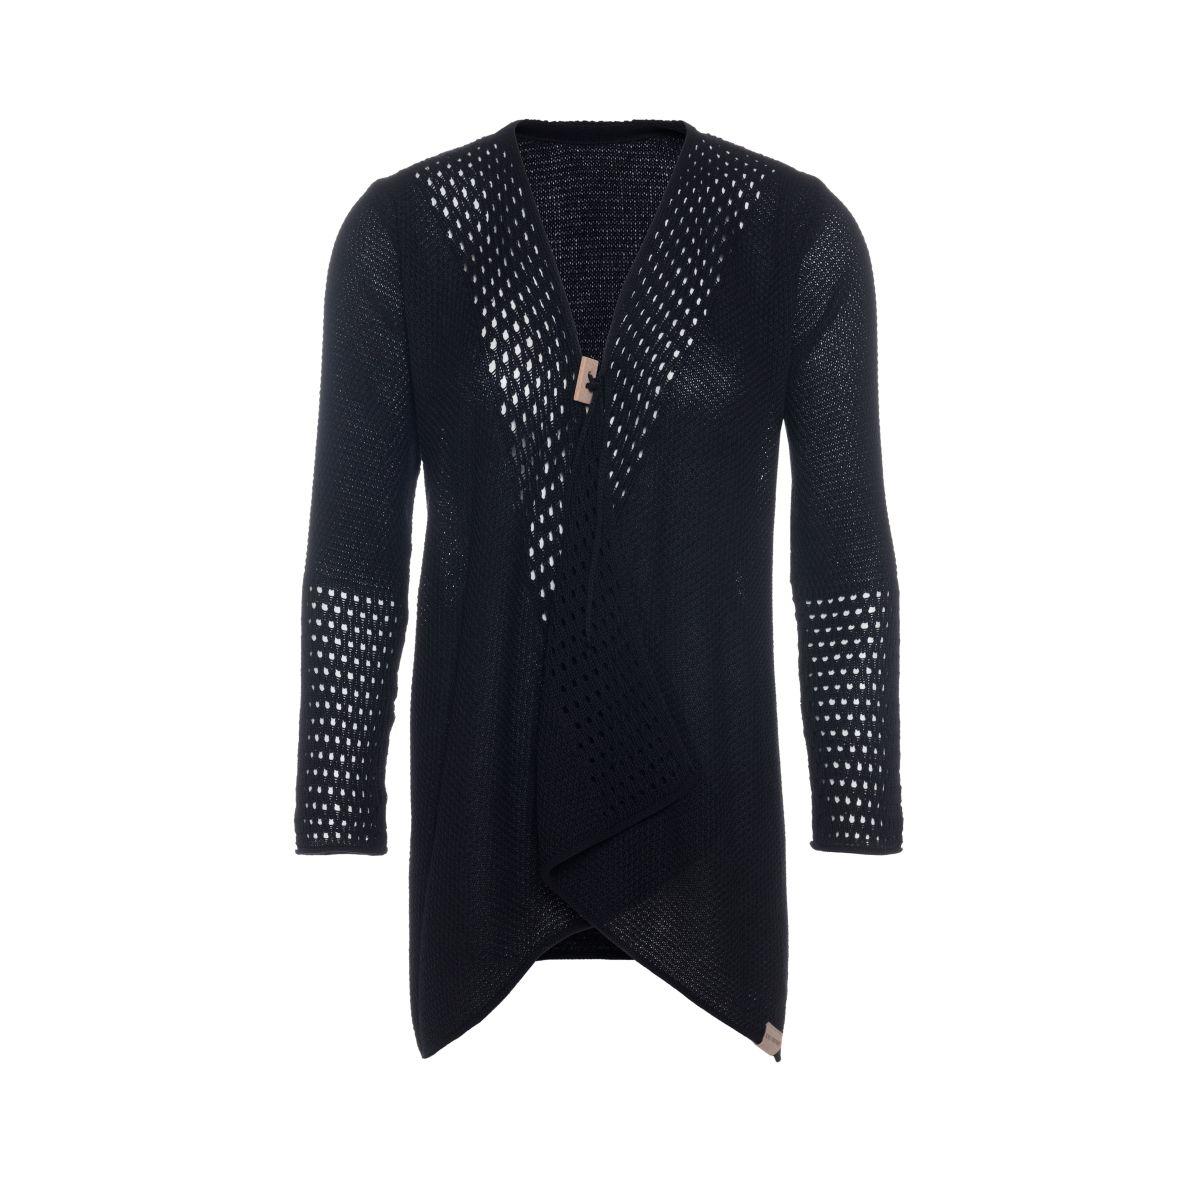 knit factory kf15208100049 april vest zwart 3638 1